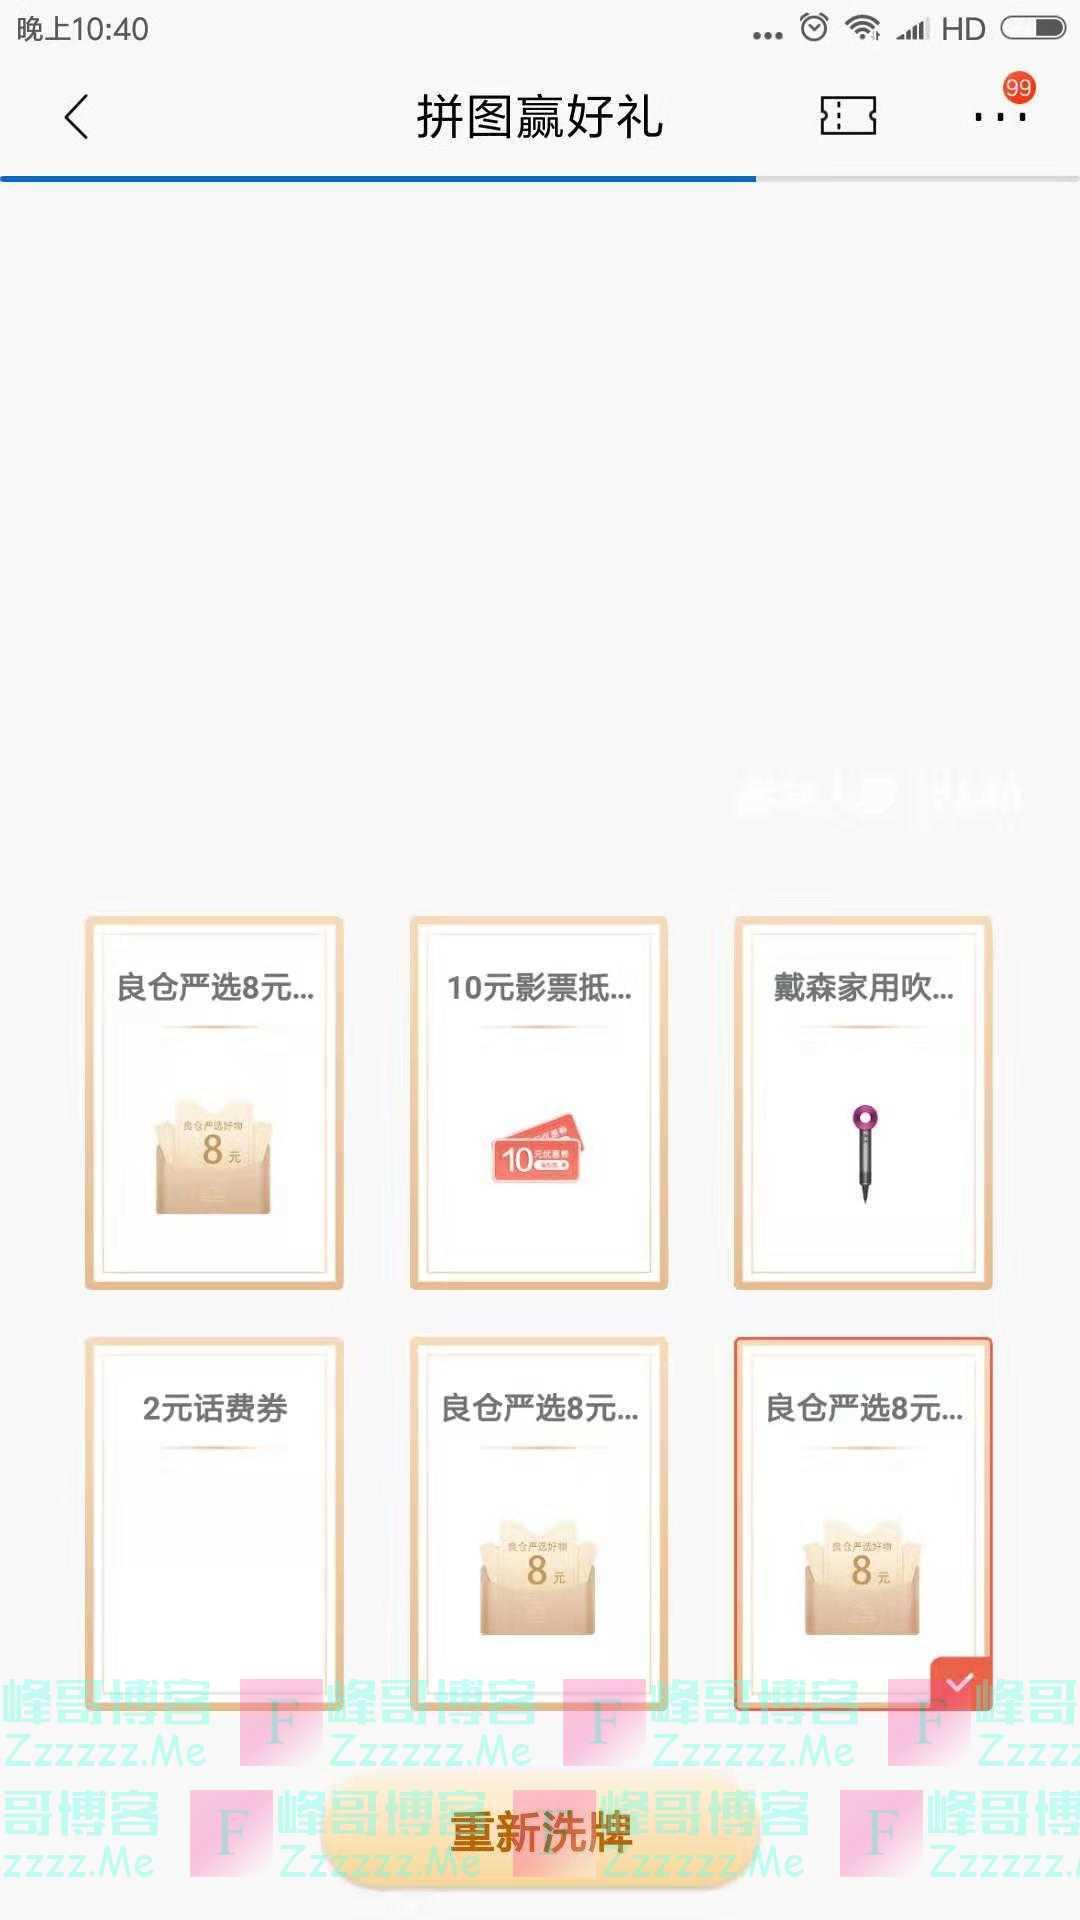 招行拼图赢好礼(截止10月31日)